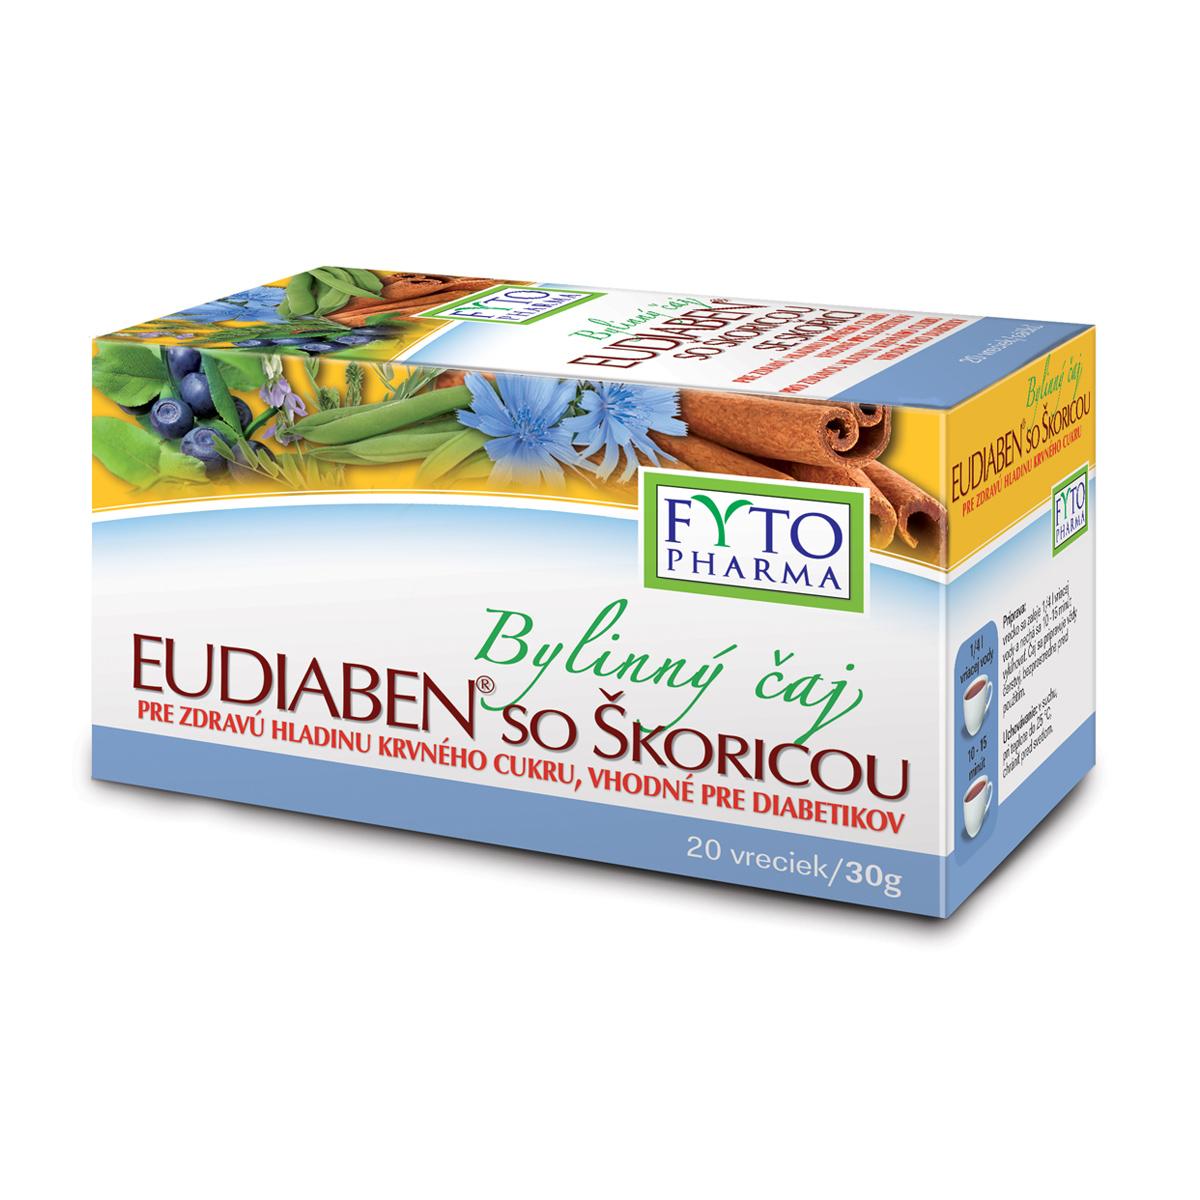 Fytopharma Bylinný čaj se skořicí EUDIABEN® 20 x 1,5 g